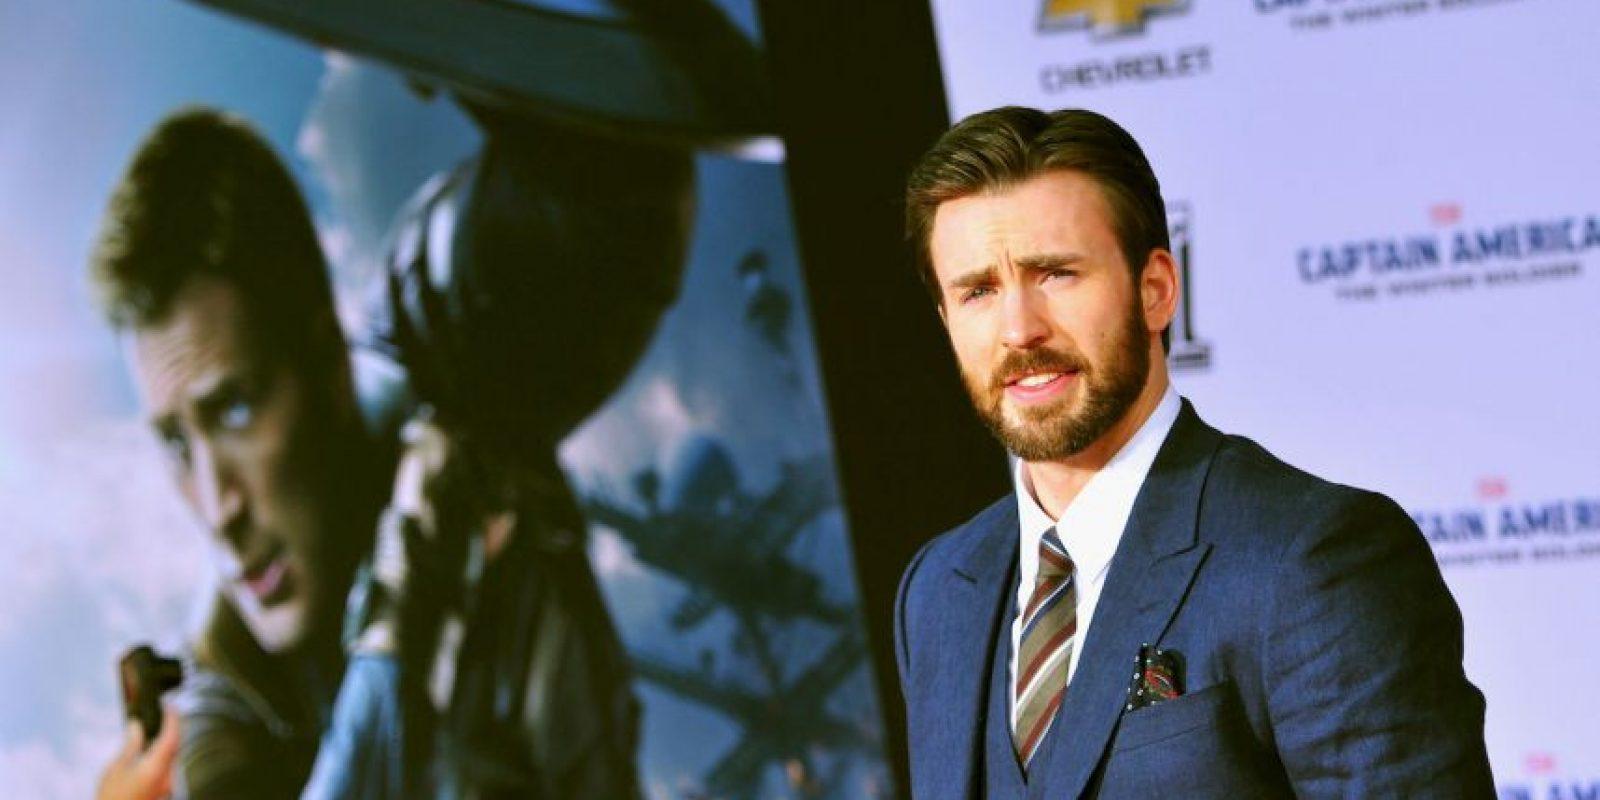 """El actor decidió tomarse un descanso de las grabaciones de """"Civil War"""" y compartir tiempo con su familia. Foto:Getty Images"""